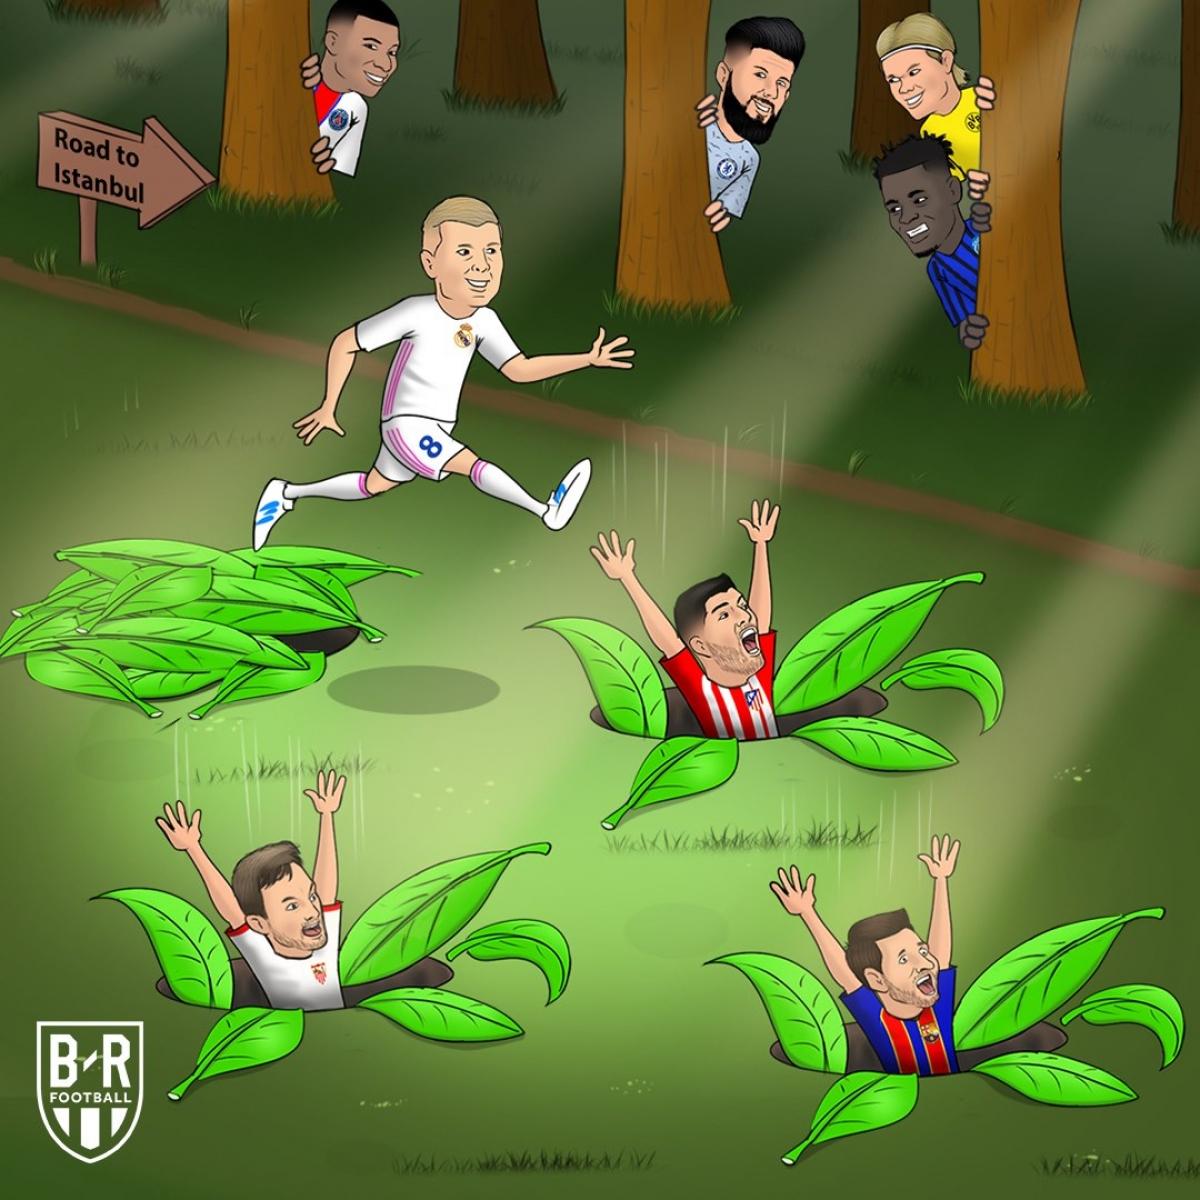 Real Madrid gỡ gạc thể diện cho bóng đá Tây Ban Nha. (Ảnh: Bleacher Reports)